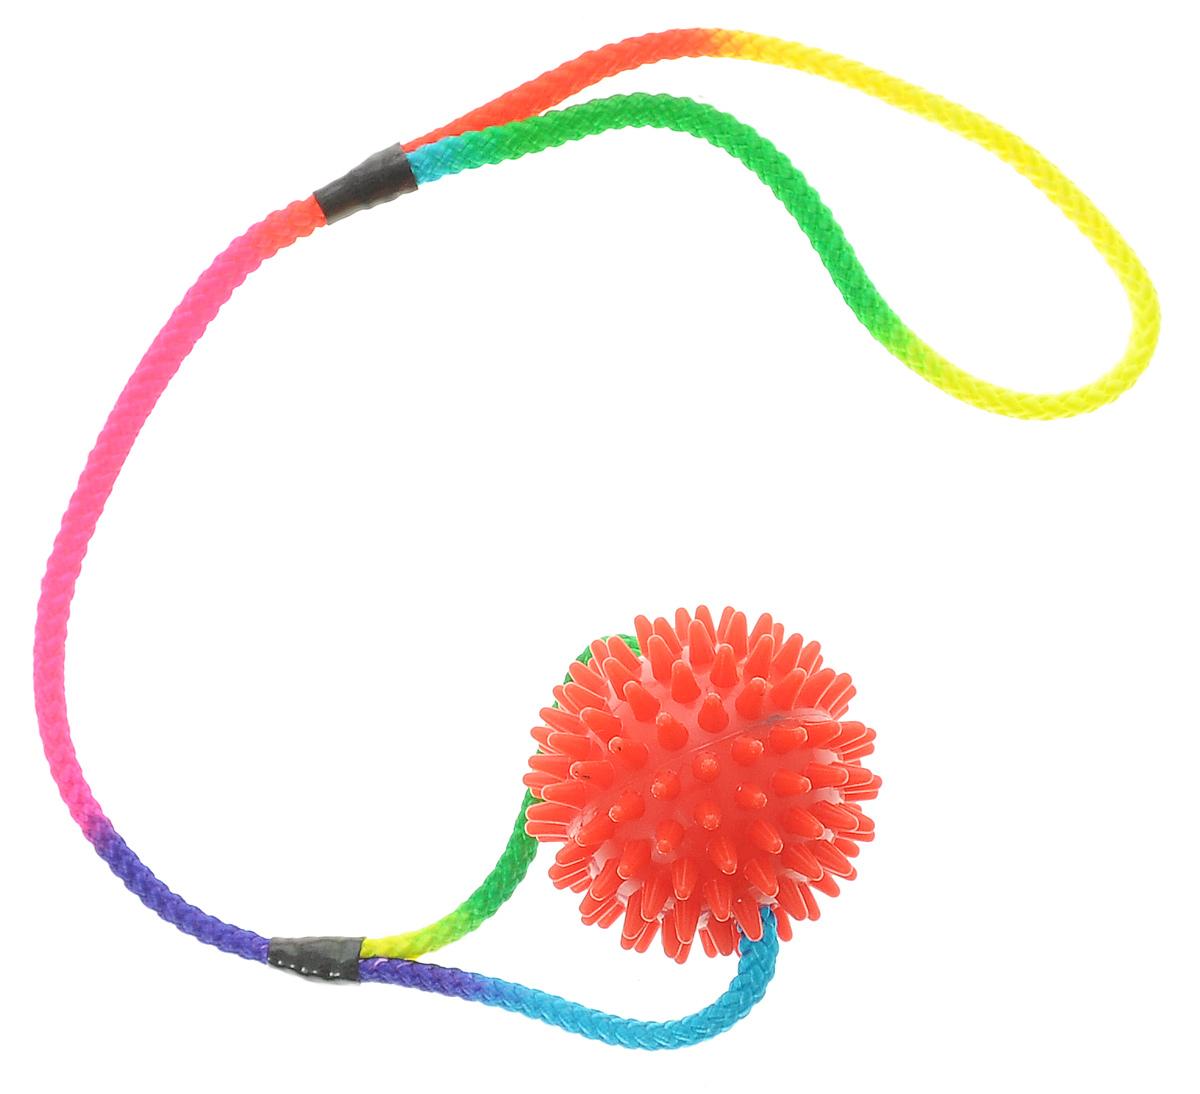 Игрушка для собак V.I.Pet Массажный мяч, на шнуре, цвет: красный, диаметр 7 см770750_красныйИгрушка для собак V.I.Pet Массажный мяч, изготовленная из ПВХ, предназначена для массажа и самомассажа рефлексогенных зон. Она имеет мягкие закругленные массажные шипы, эффективно массирующие и не травмирующие кожу. Сквозь мяч продет шнур. Игрушка не позволит скучать вашему питомцу ни дома, ни на улице. Диаметр: 7 см. Длина шнура: 50 см.